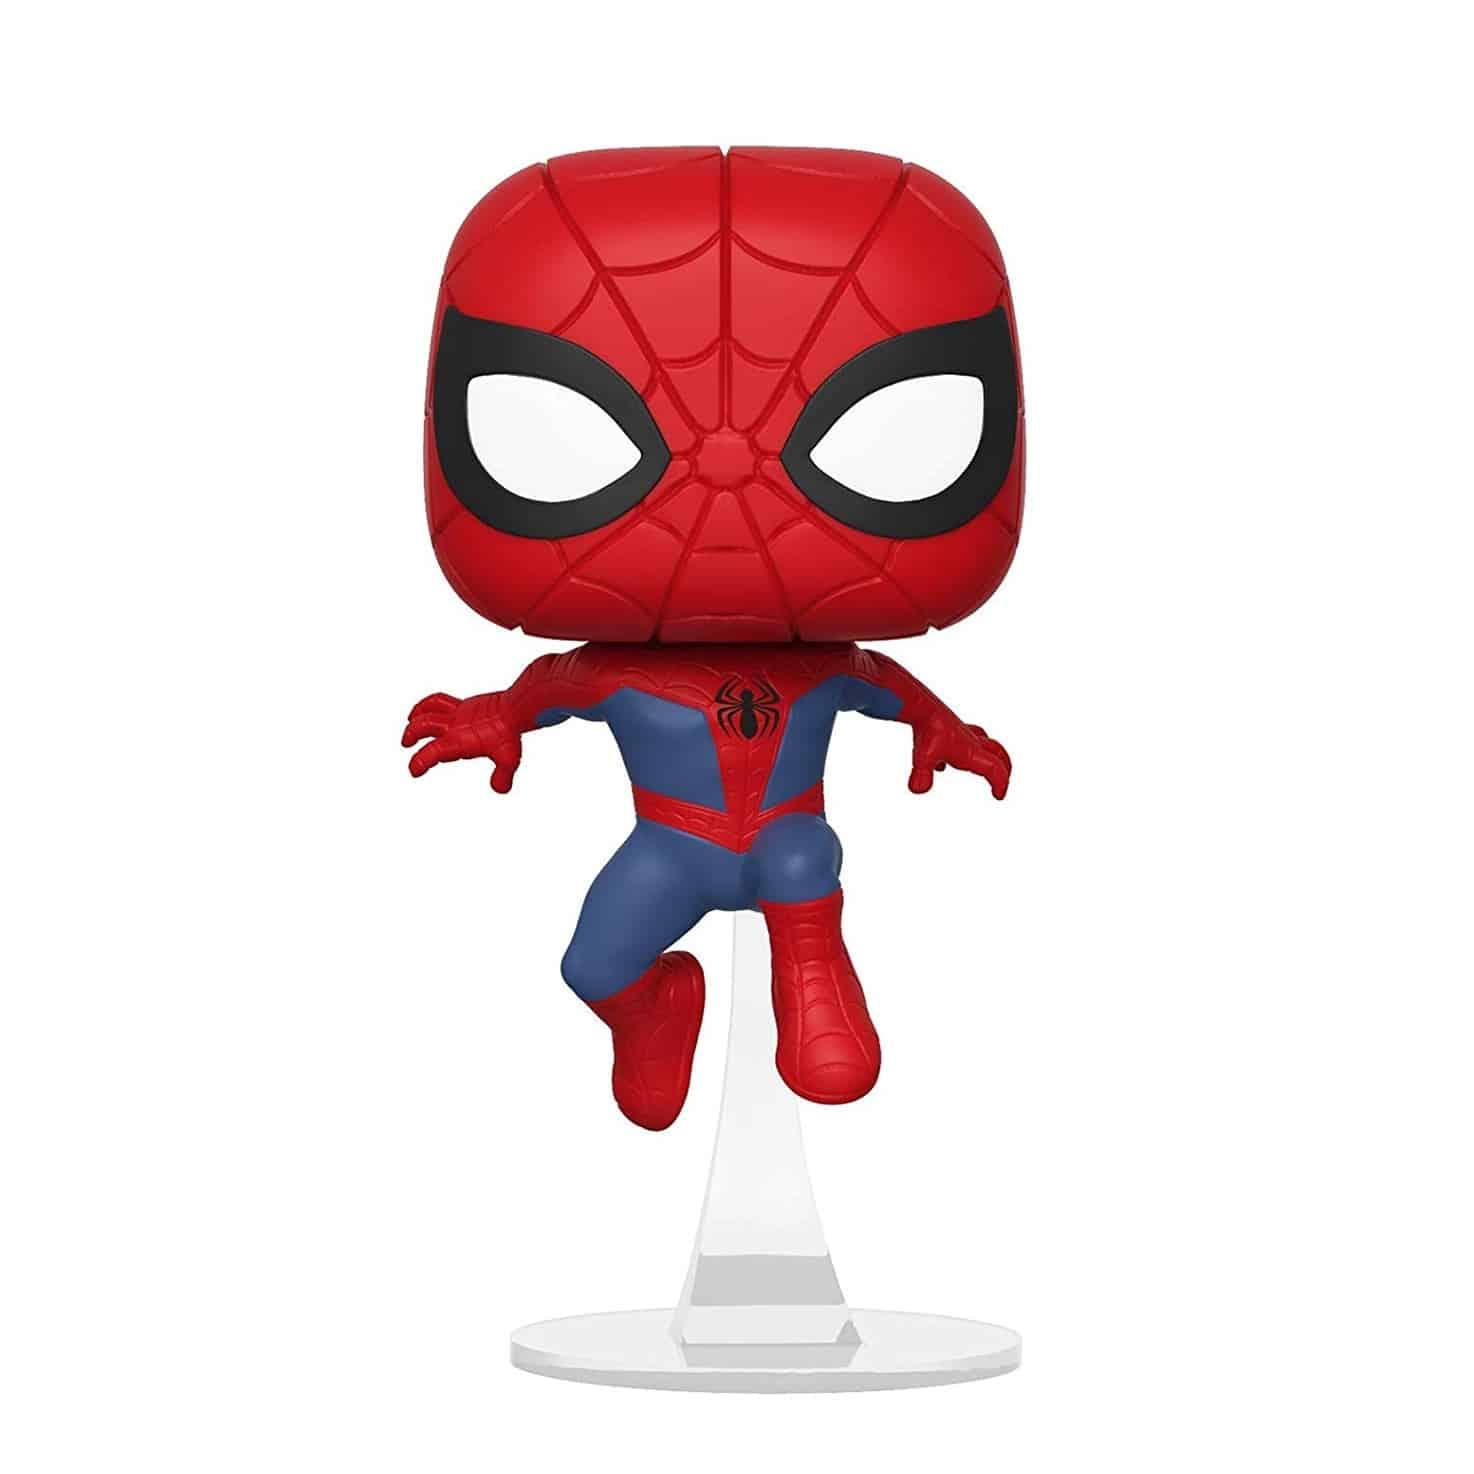 Spider-Man Funko Pop Blog